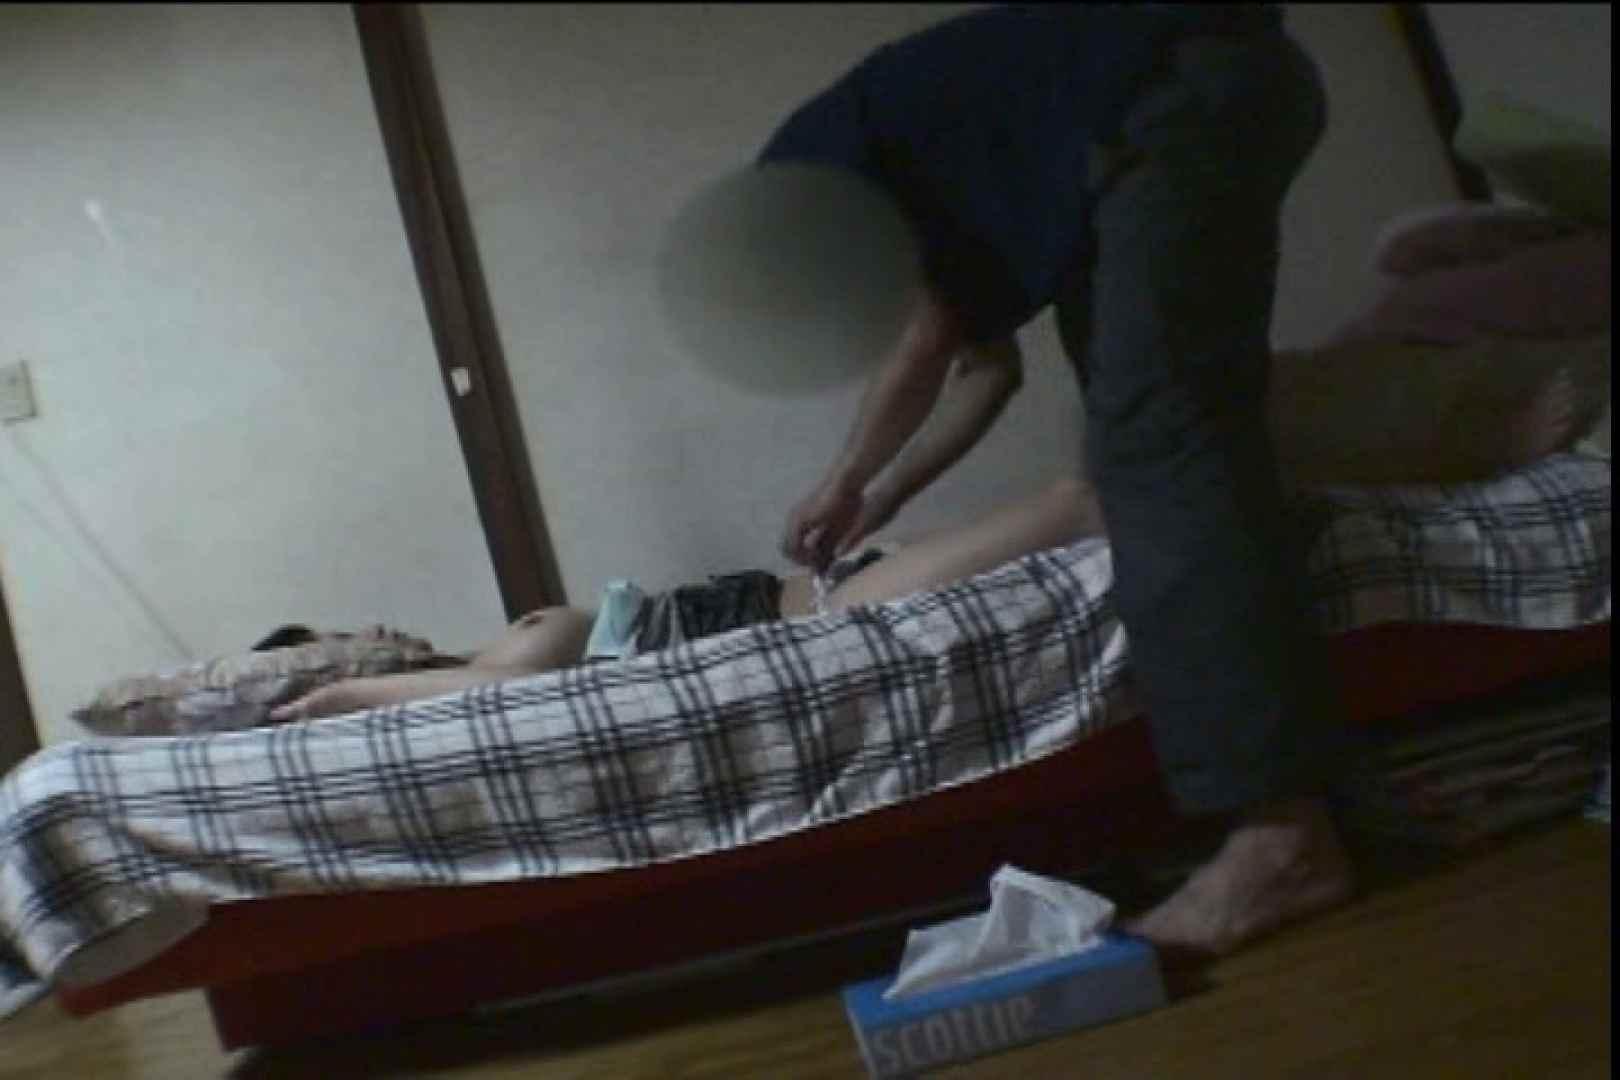 れる泥酔女5 生おまんこ   盗撮  106PICs 22